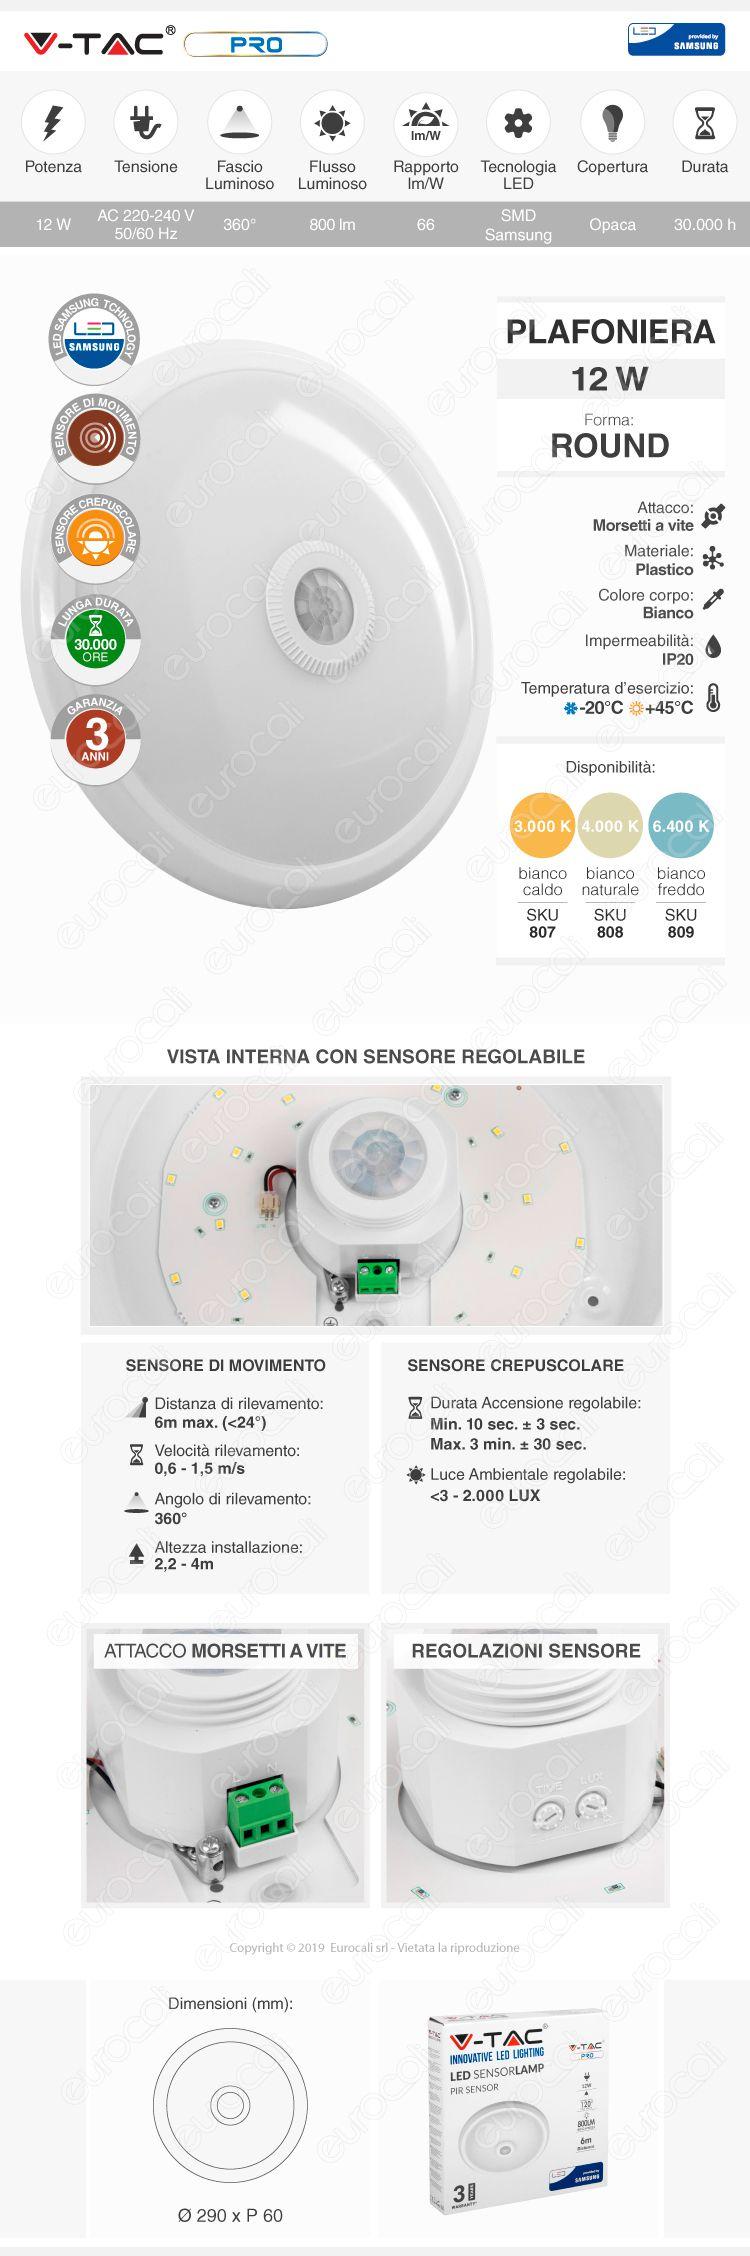 V-Tac PRO VT-13 Plafoniera LED 12W Forma Circolare con Sensore di Movimento Infrarossi